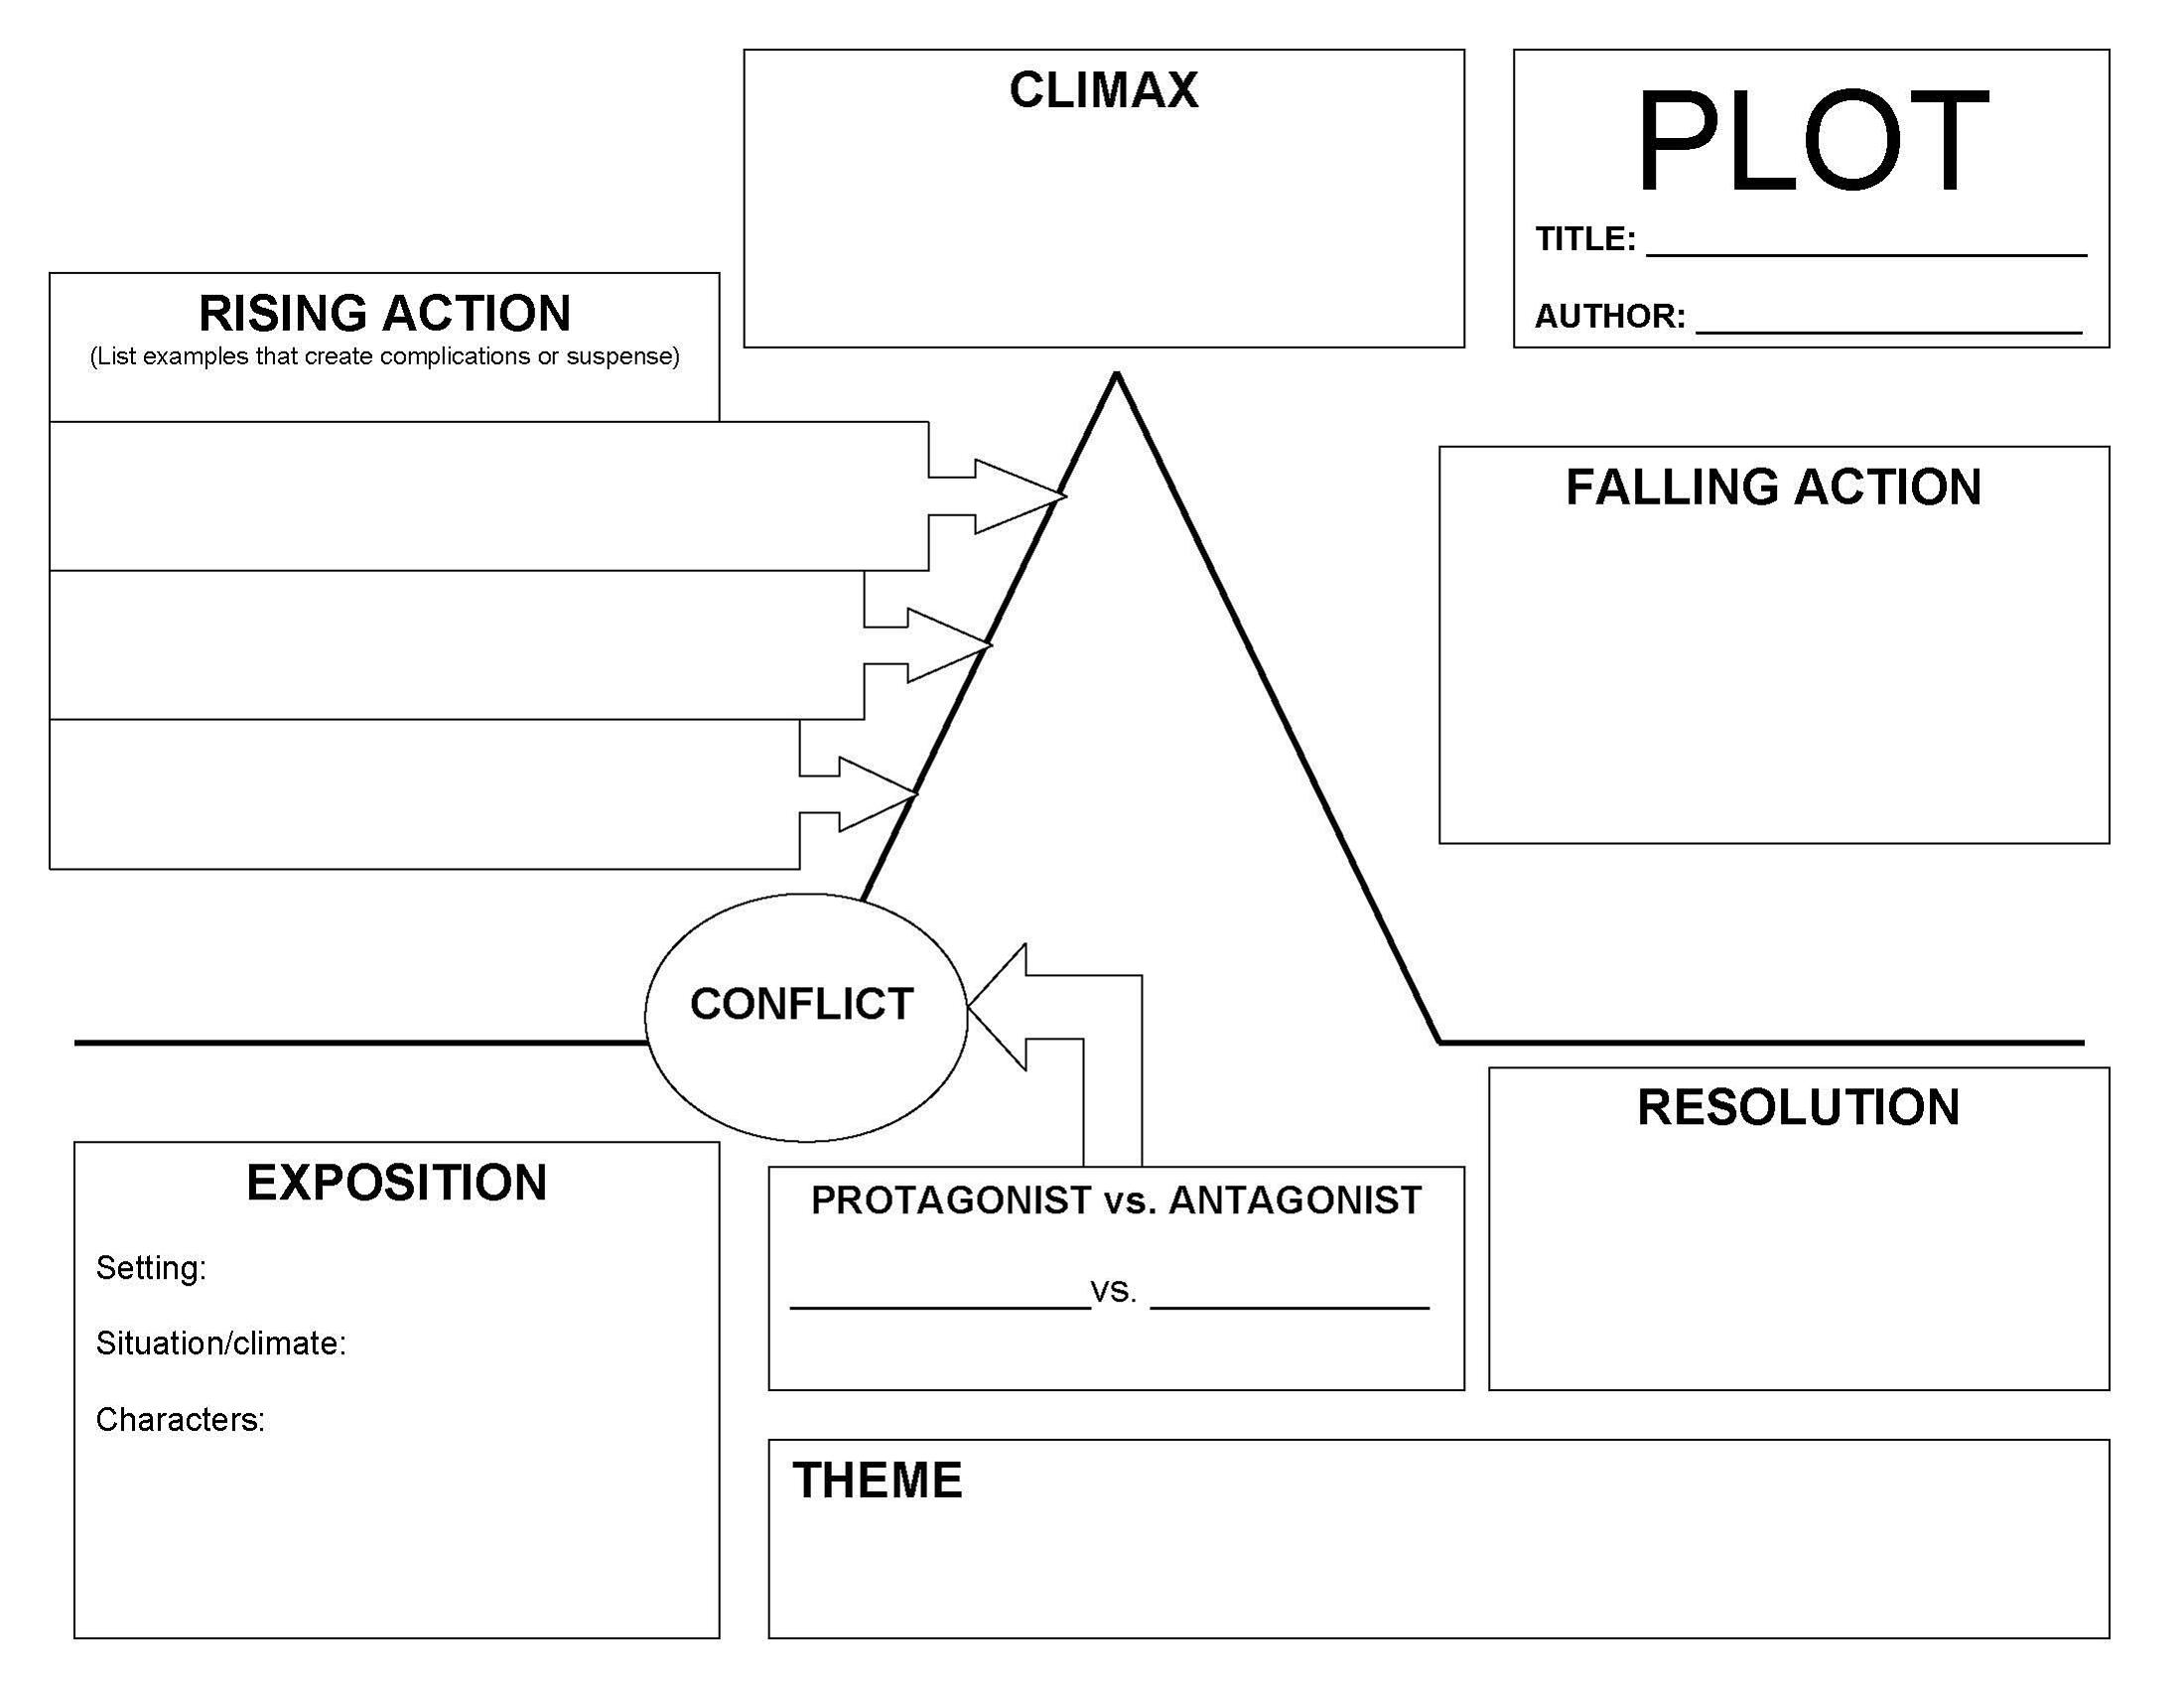 hight resolution of blank plot diagram template printable diagram printable diagramblank plot diagram template printable diagram